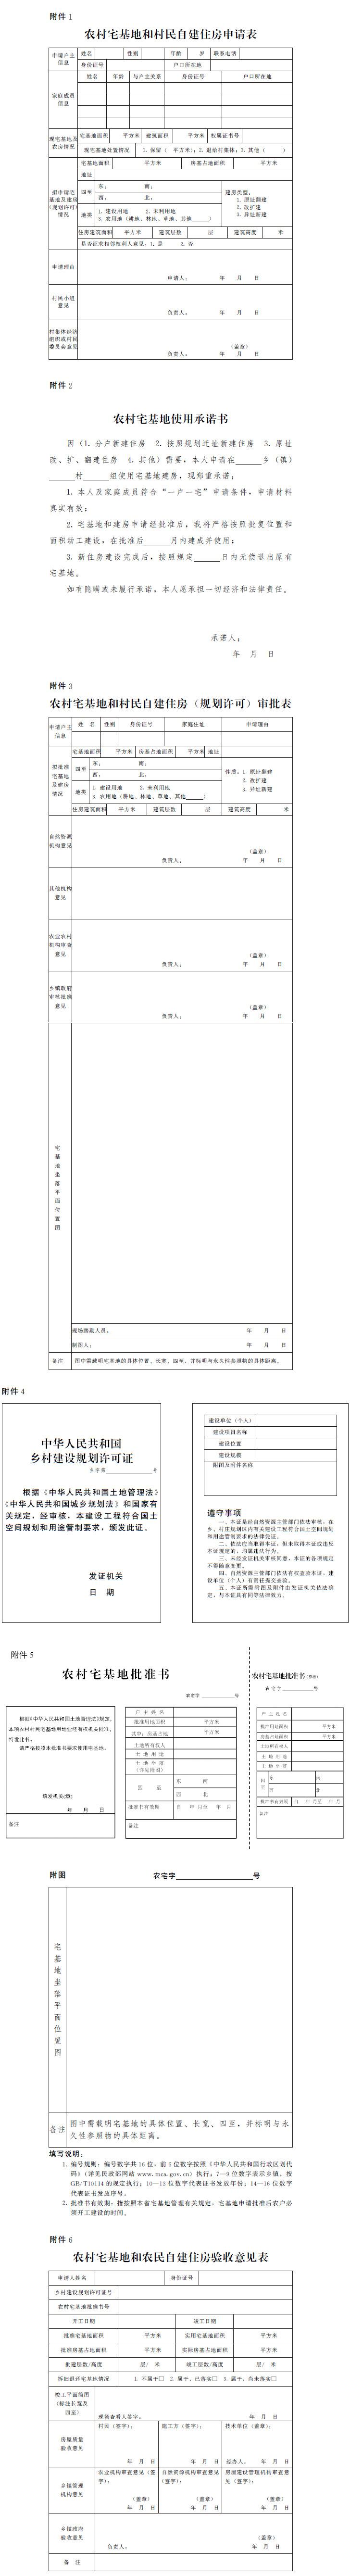 河南省人民政府关于印发河南省农村宅基地和村民自建住房管理办法(试行)的通知